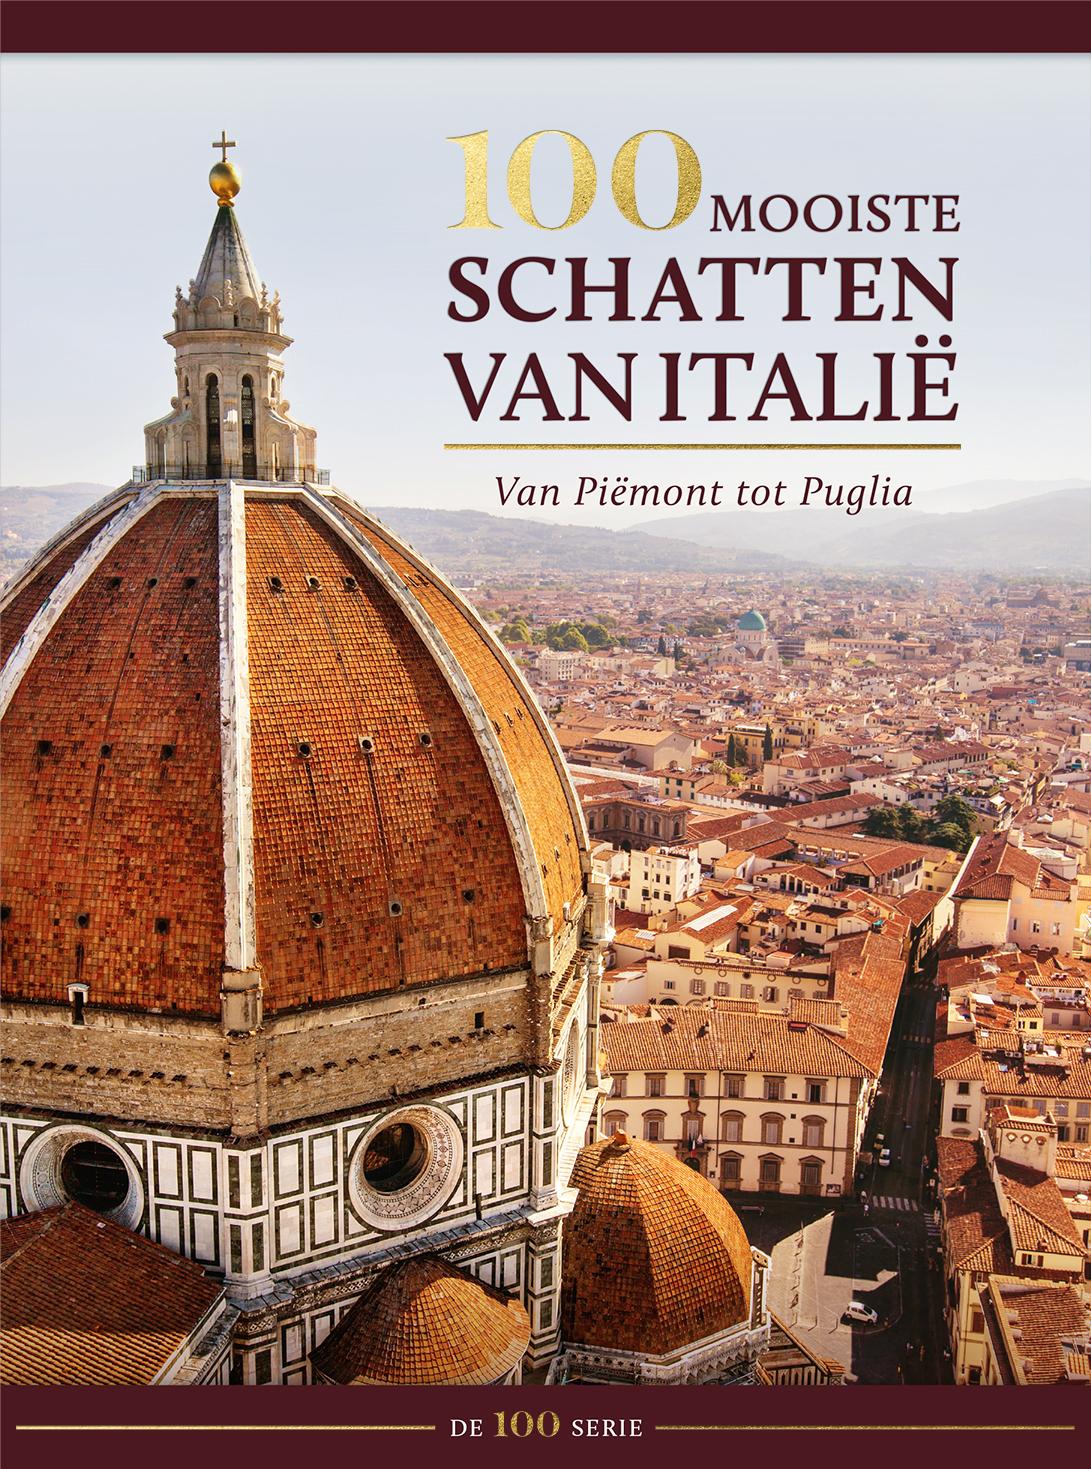 100 Mooiste schatten van Italië